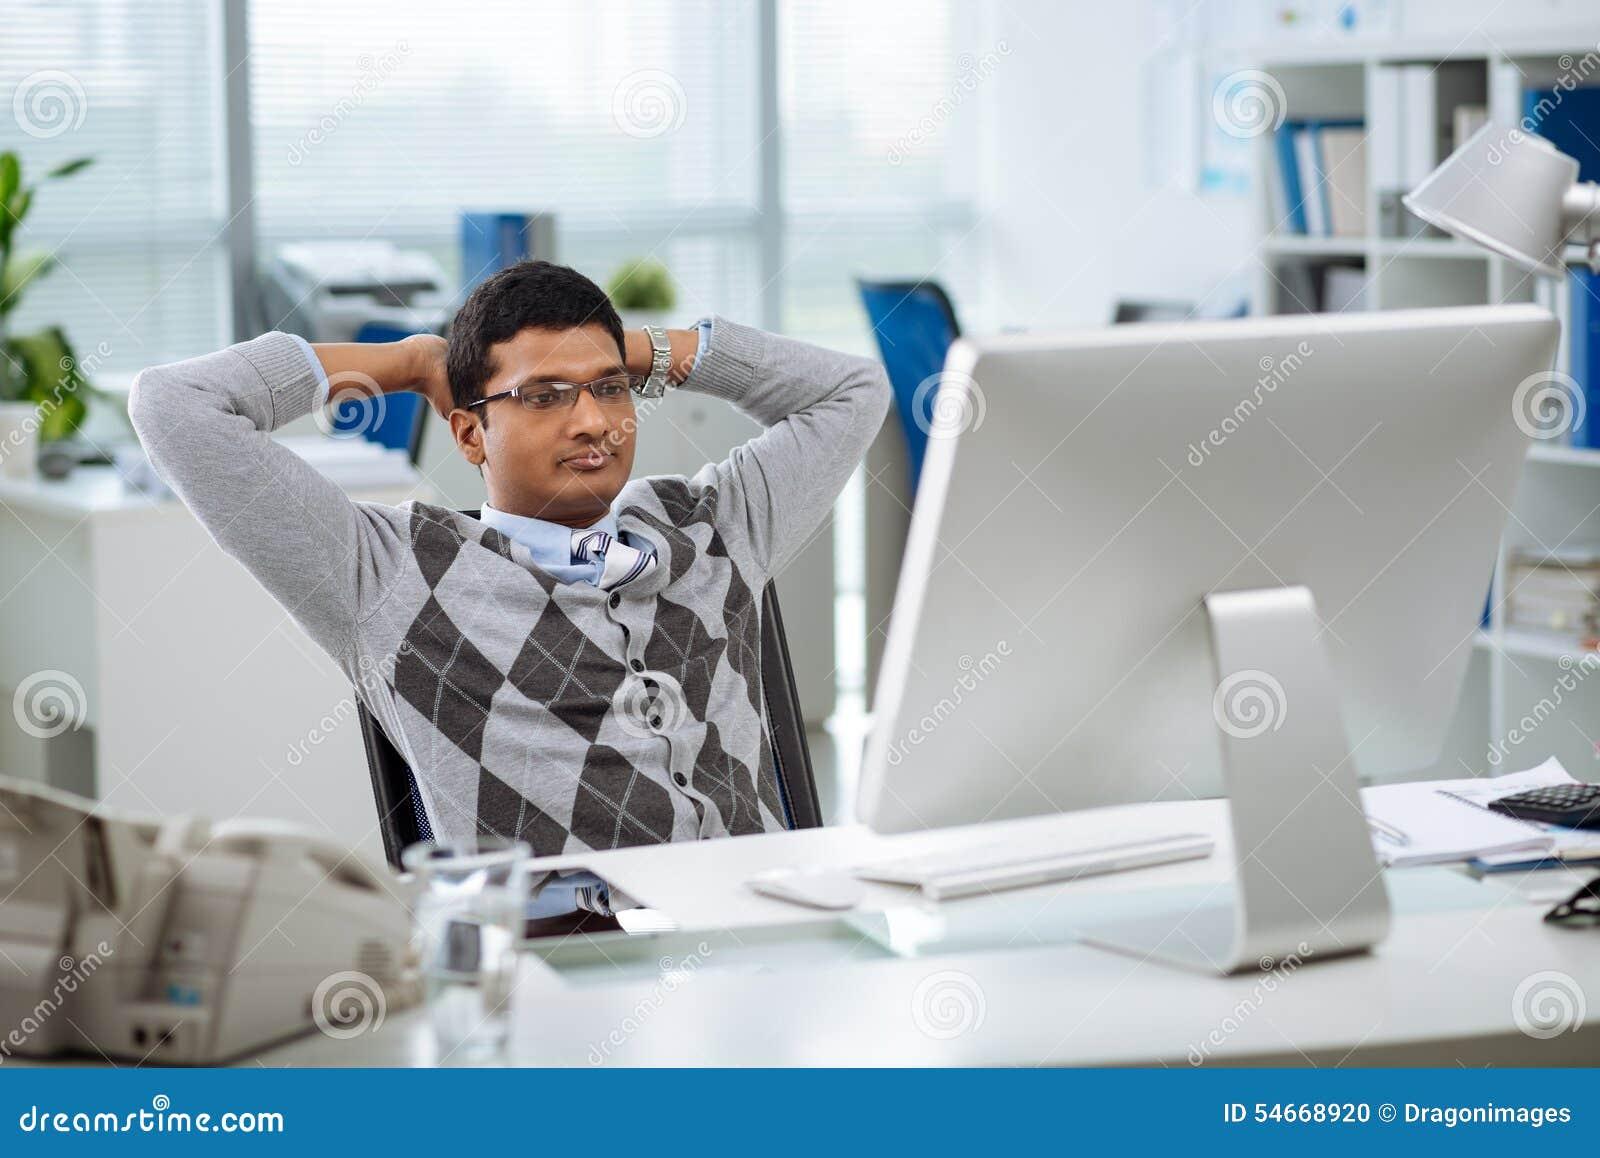 Eftertänksam programmerare